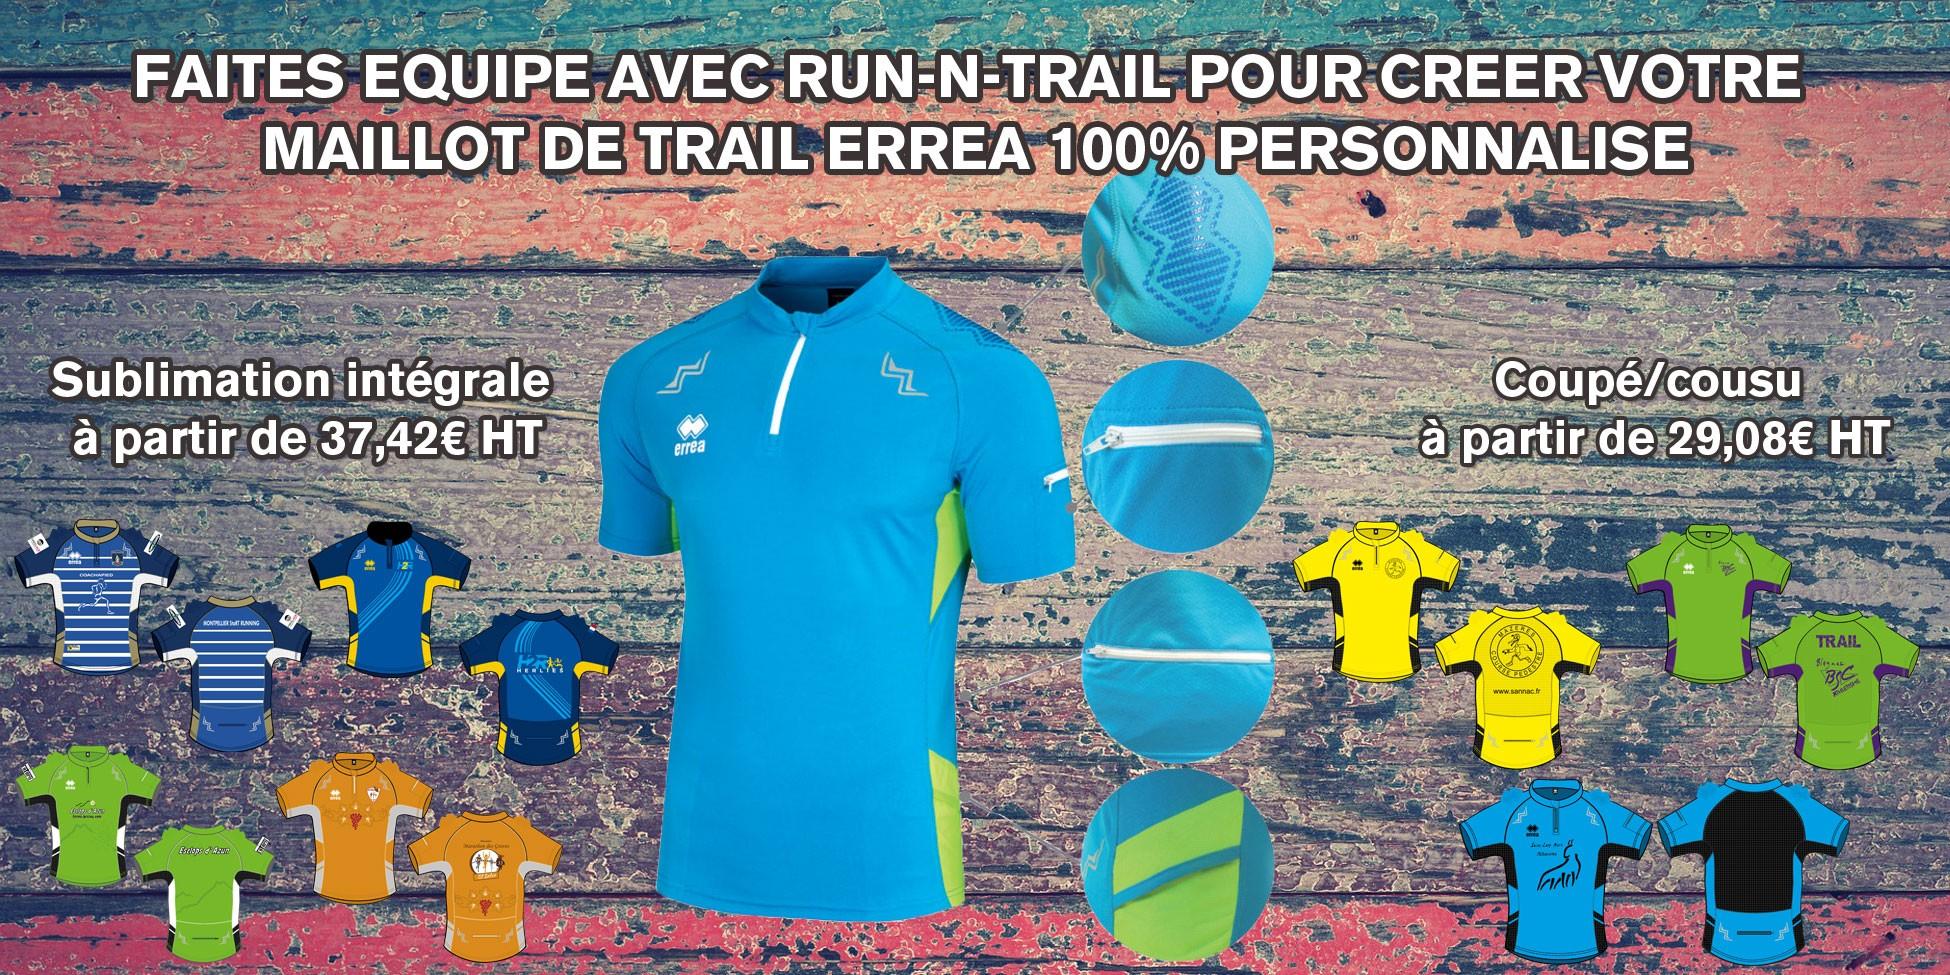 procédés de teinture minutieux prix pas cher vente au royaume uni Run-n-trail le site dédié aux clubs et organisateurs de courses